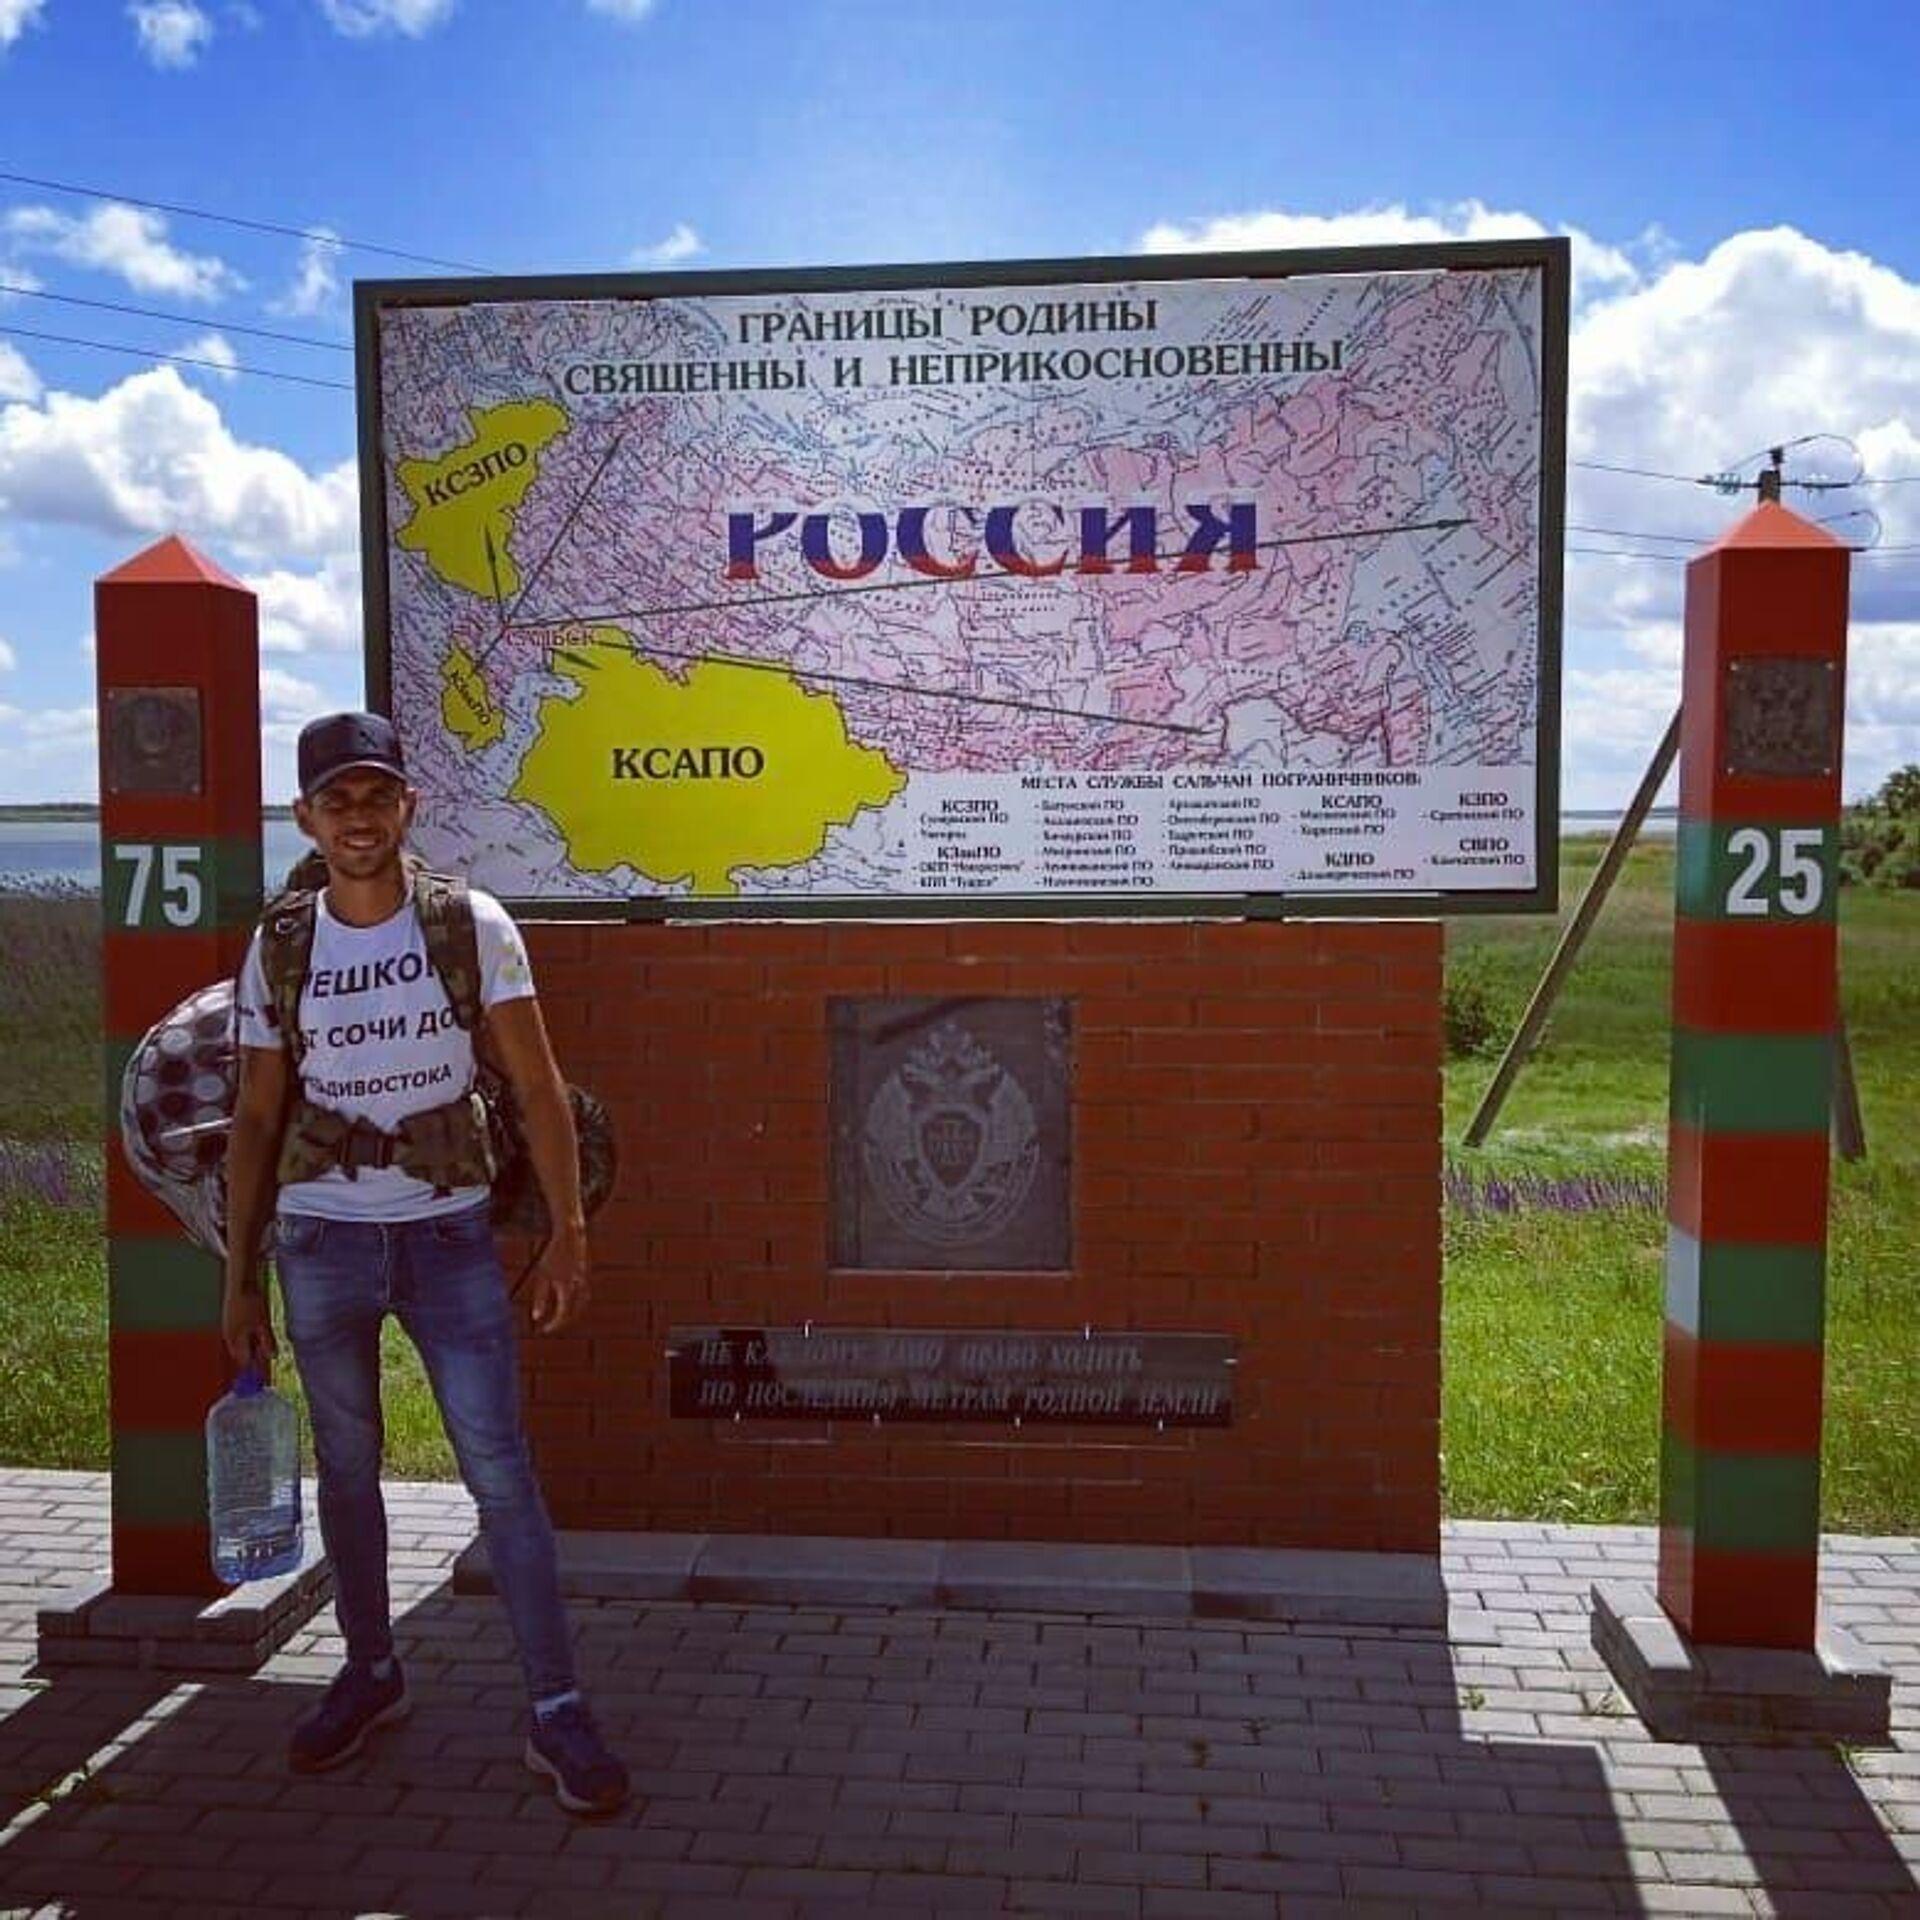 Евгений в поселке Манычстрой в Ростовской области - РИА Новости, 1920, 18.06.2021